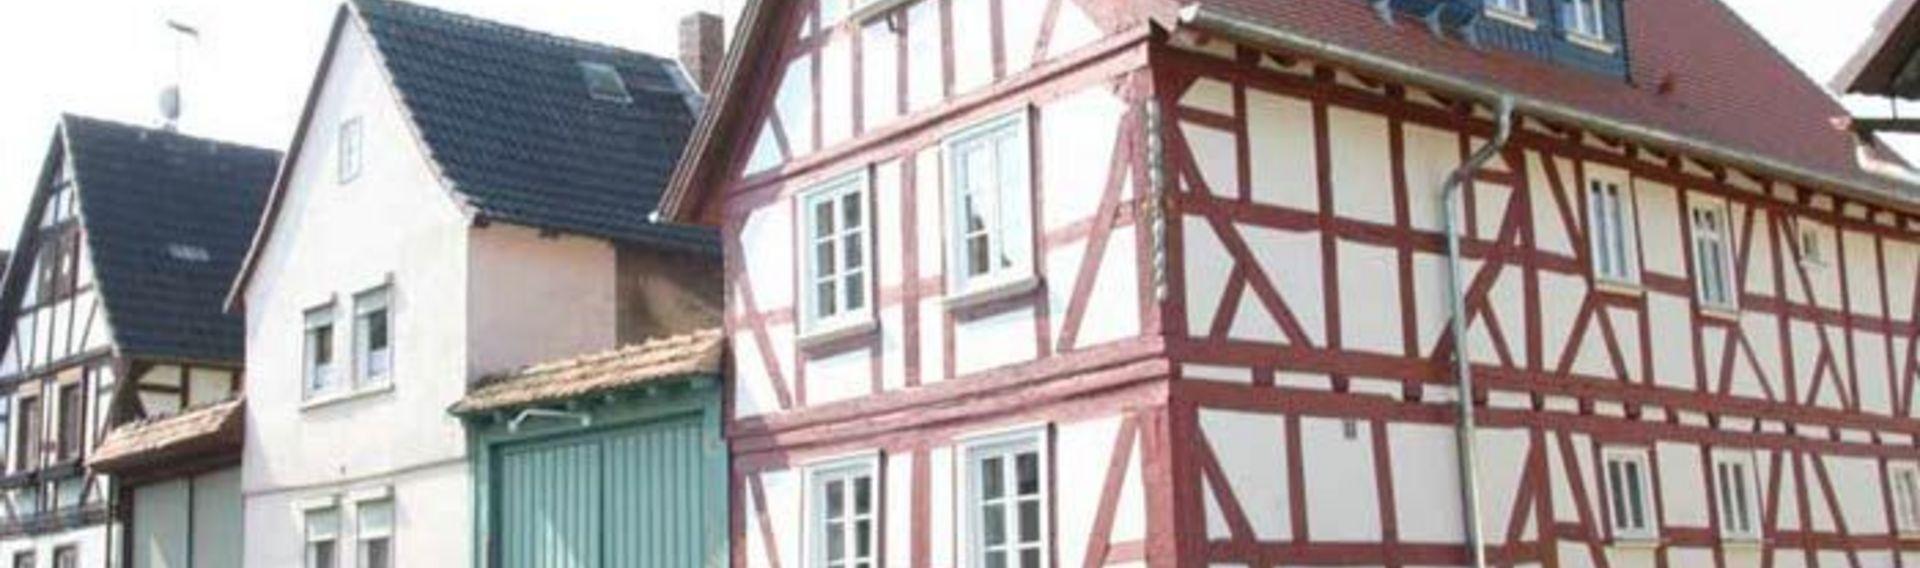 Gemütliches Bed and Breakfast Hessen